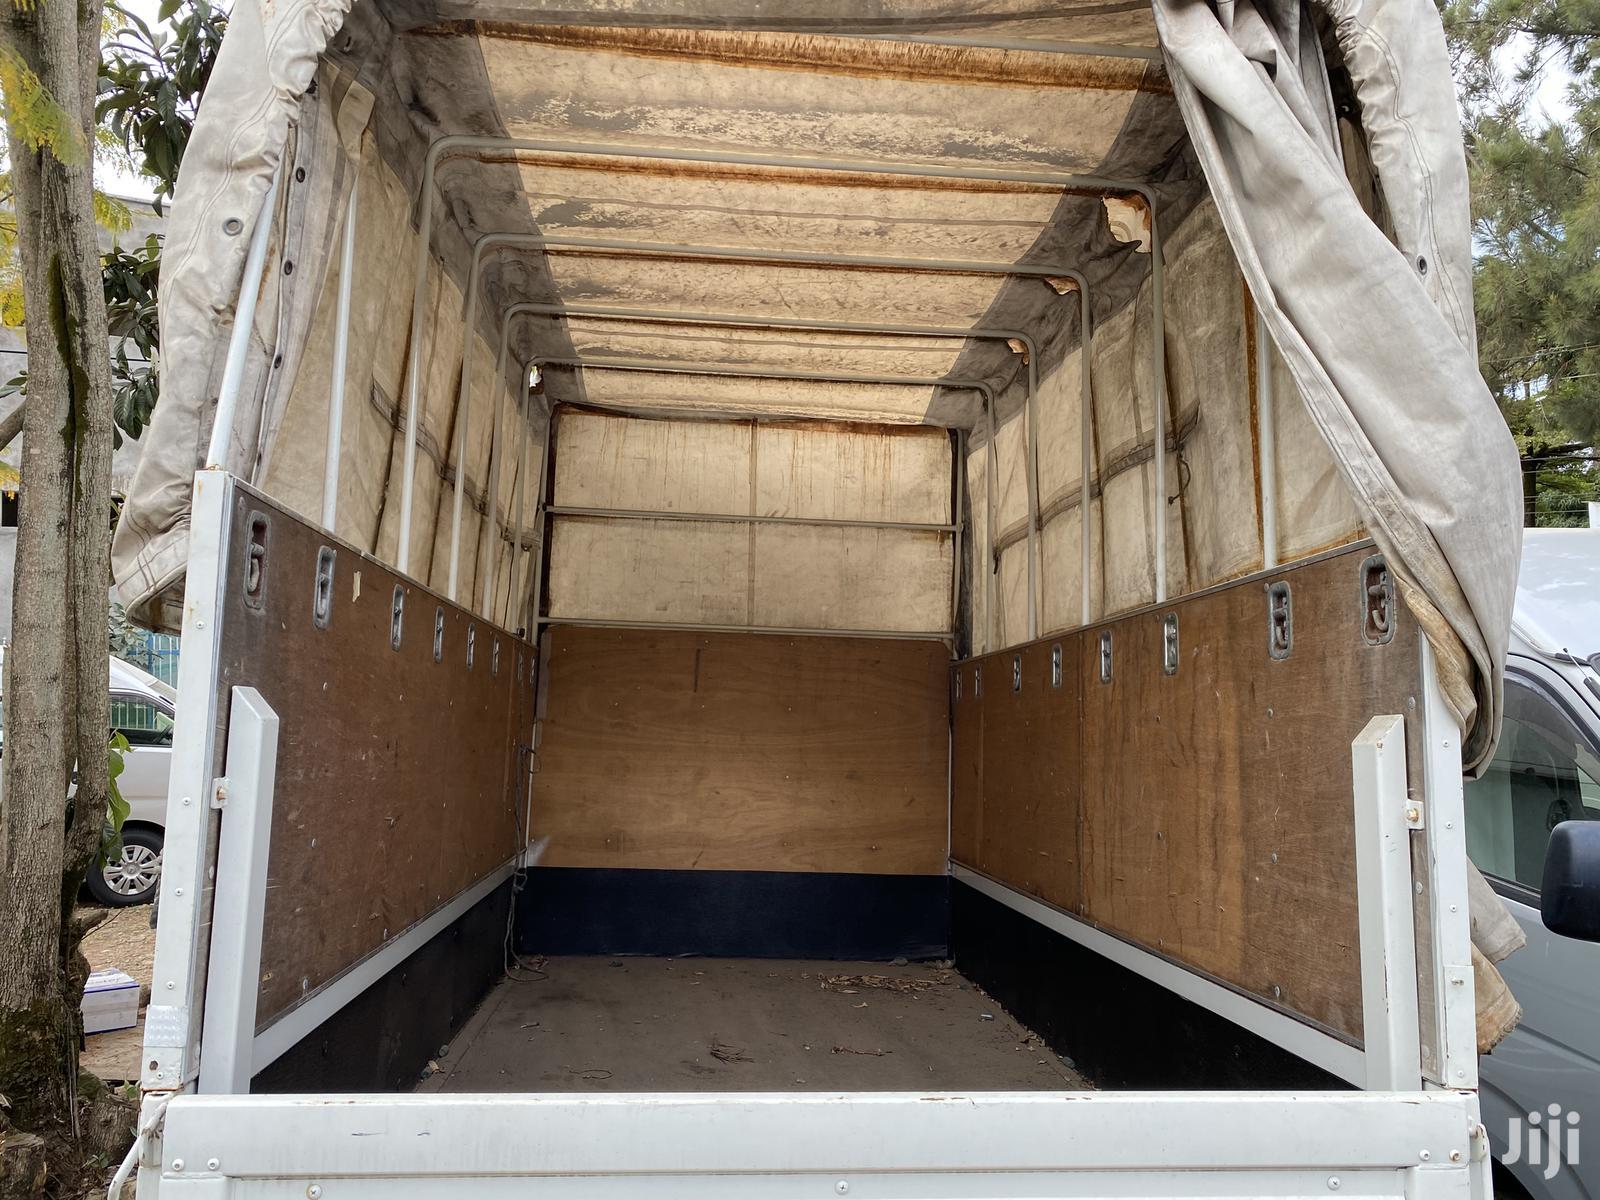 Isuzu ELF Truck | Trucks & Trailers for sale in Kilimani, Nairobi, Kenya